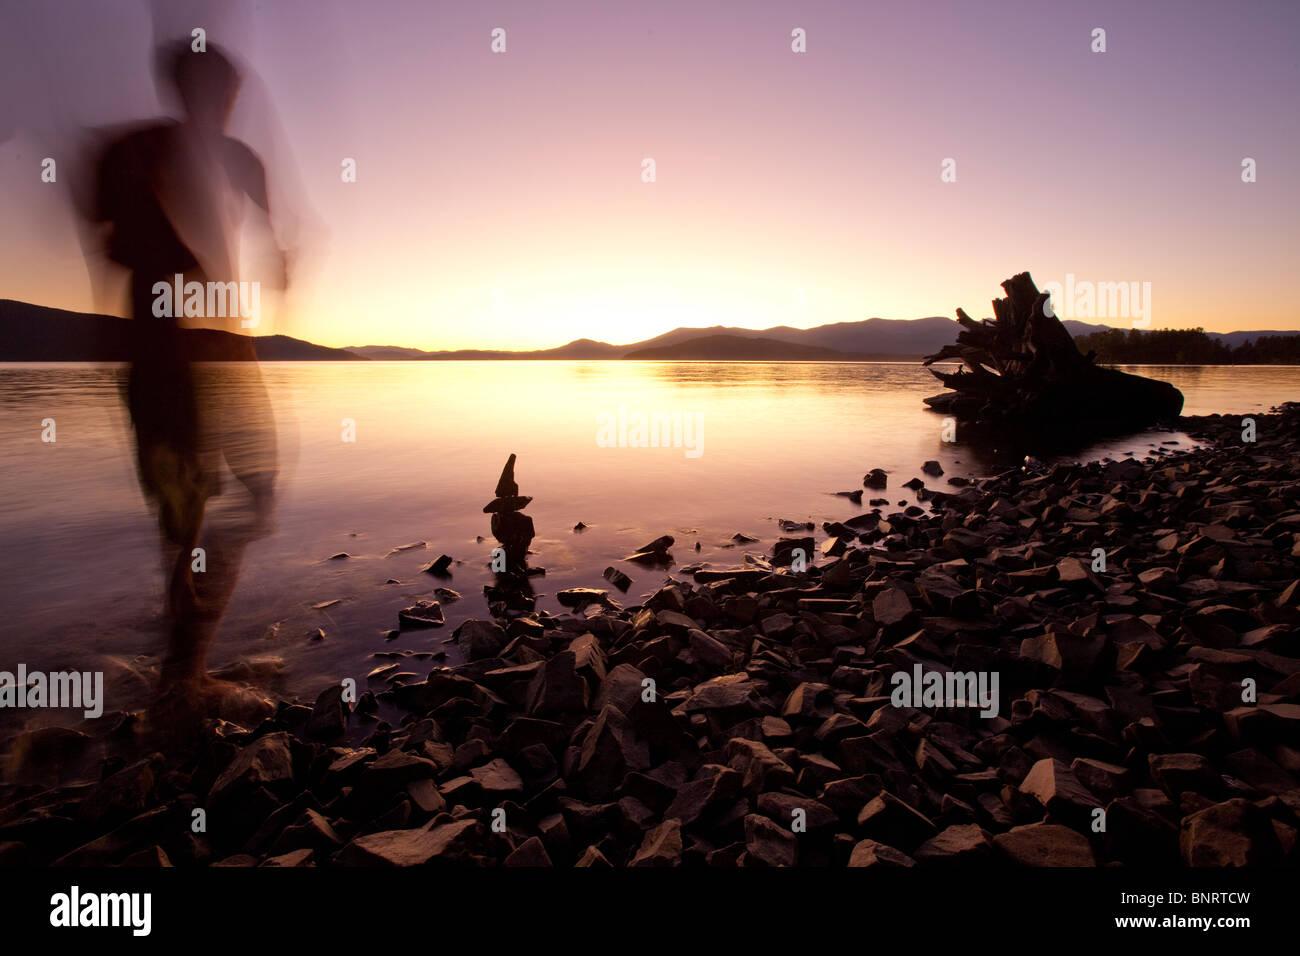 Une figure masculine en regardant le coucher de soleil sur un lac et les montagnes de l'Idaho. Photo Stock